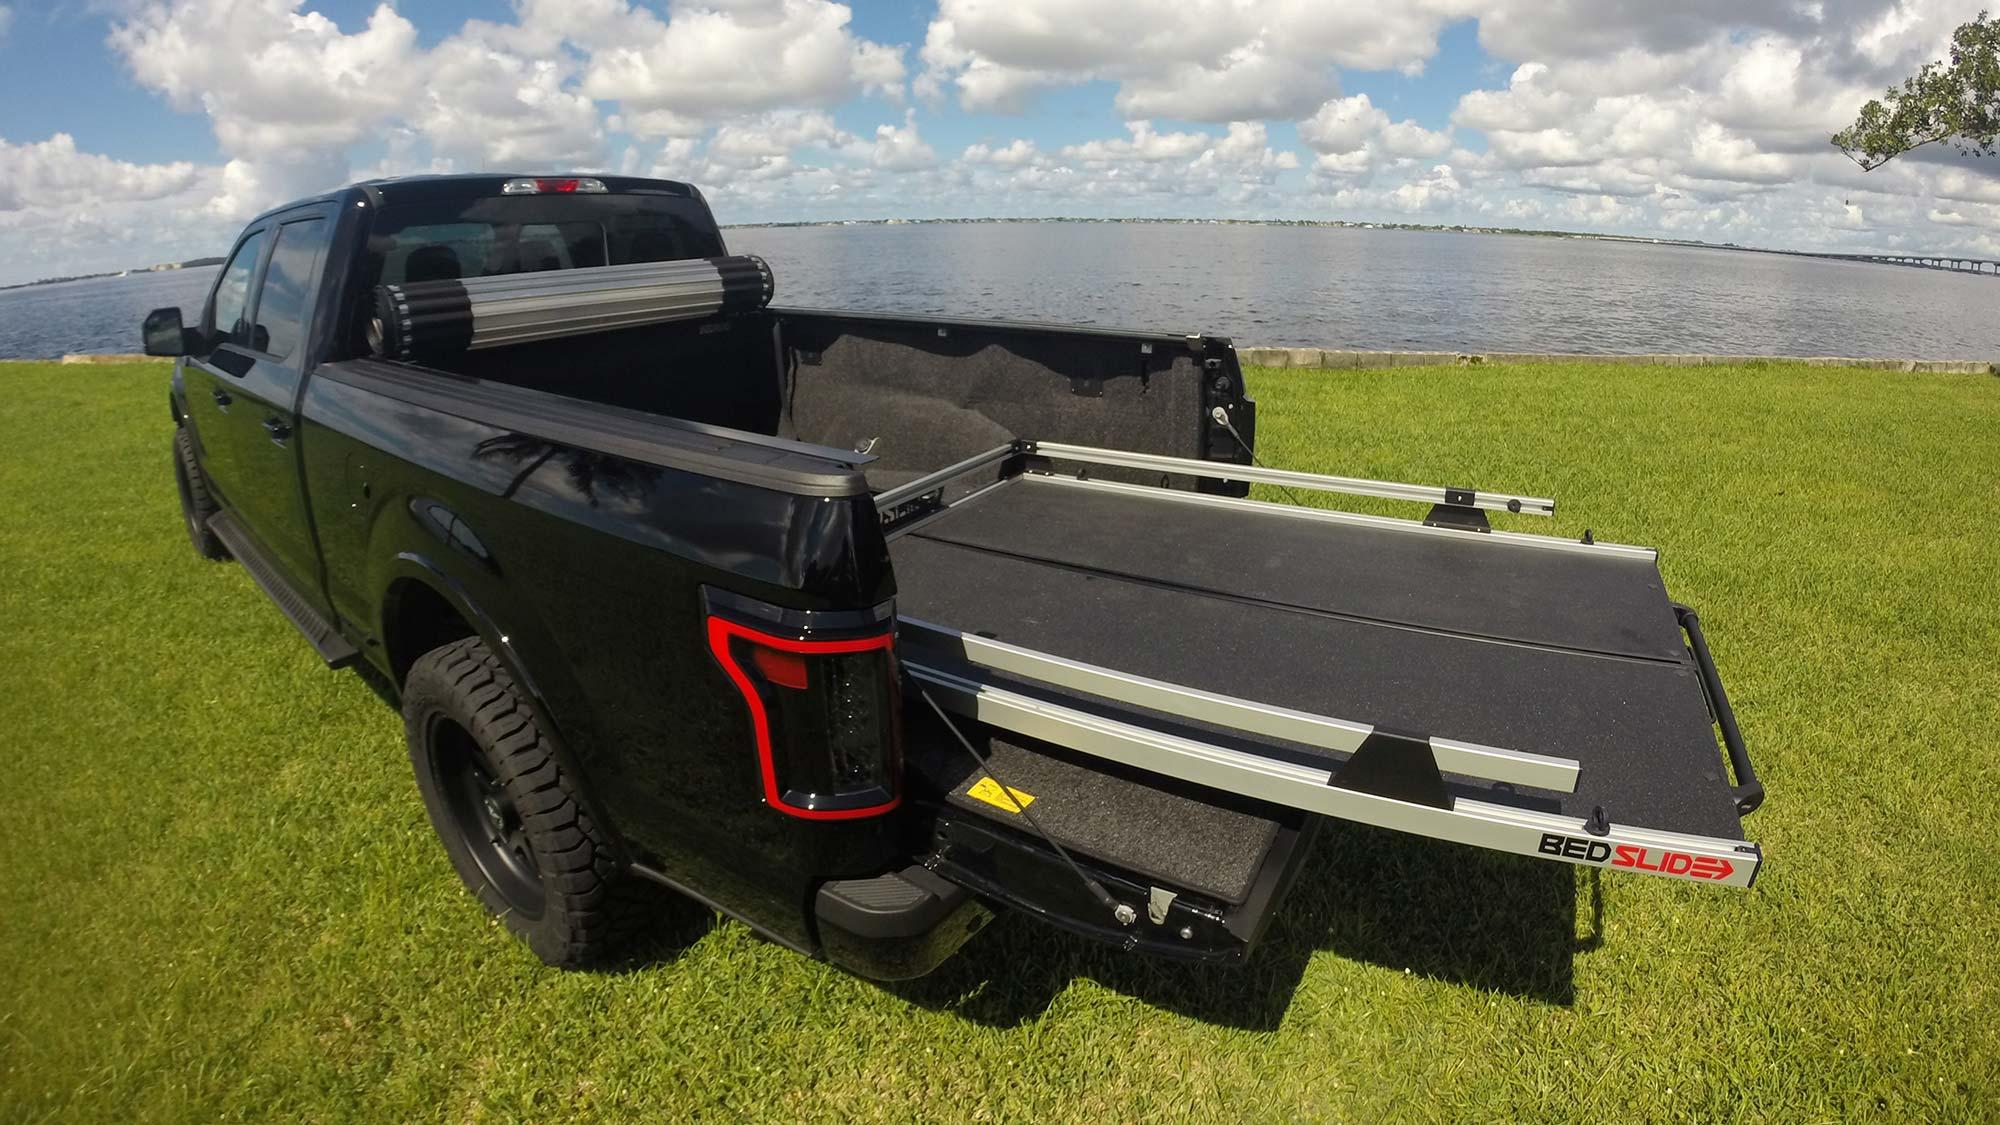 Black car with bedslide